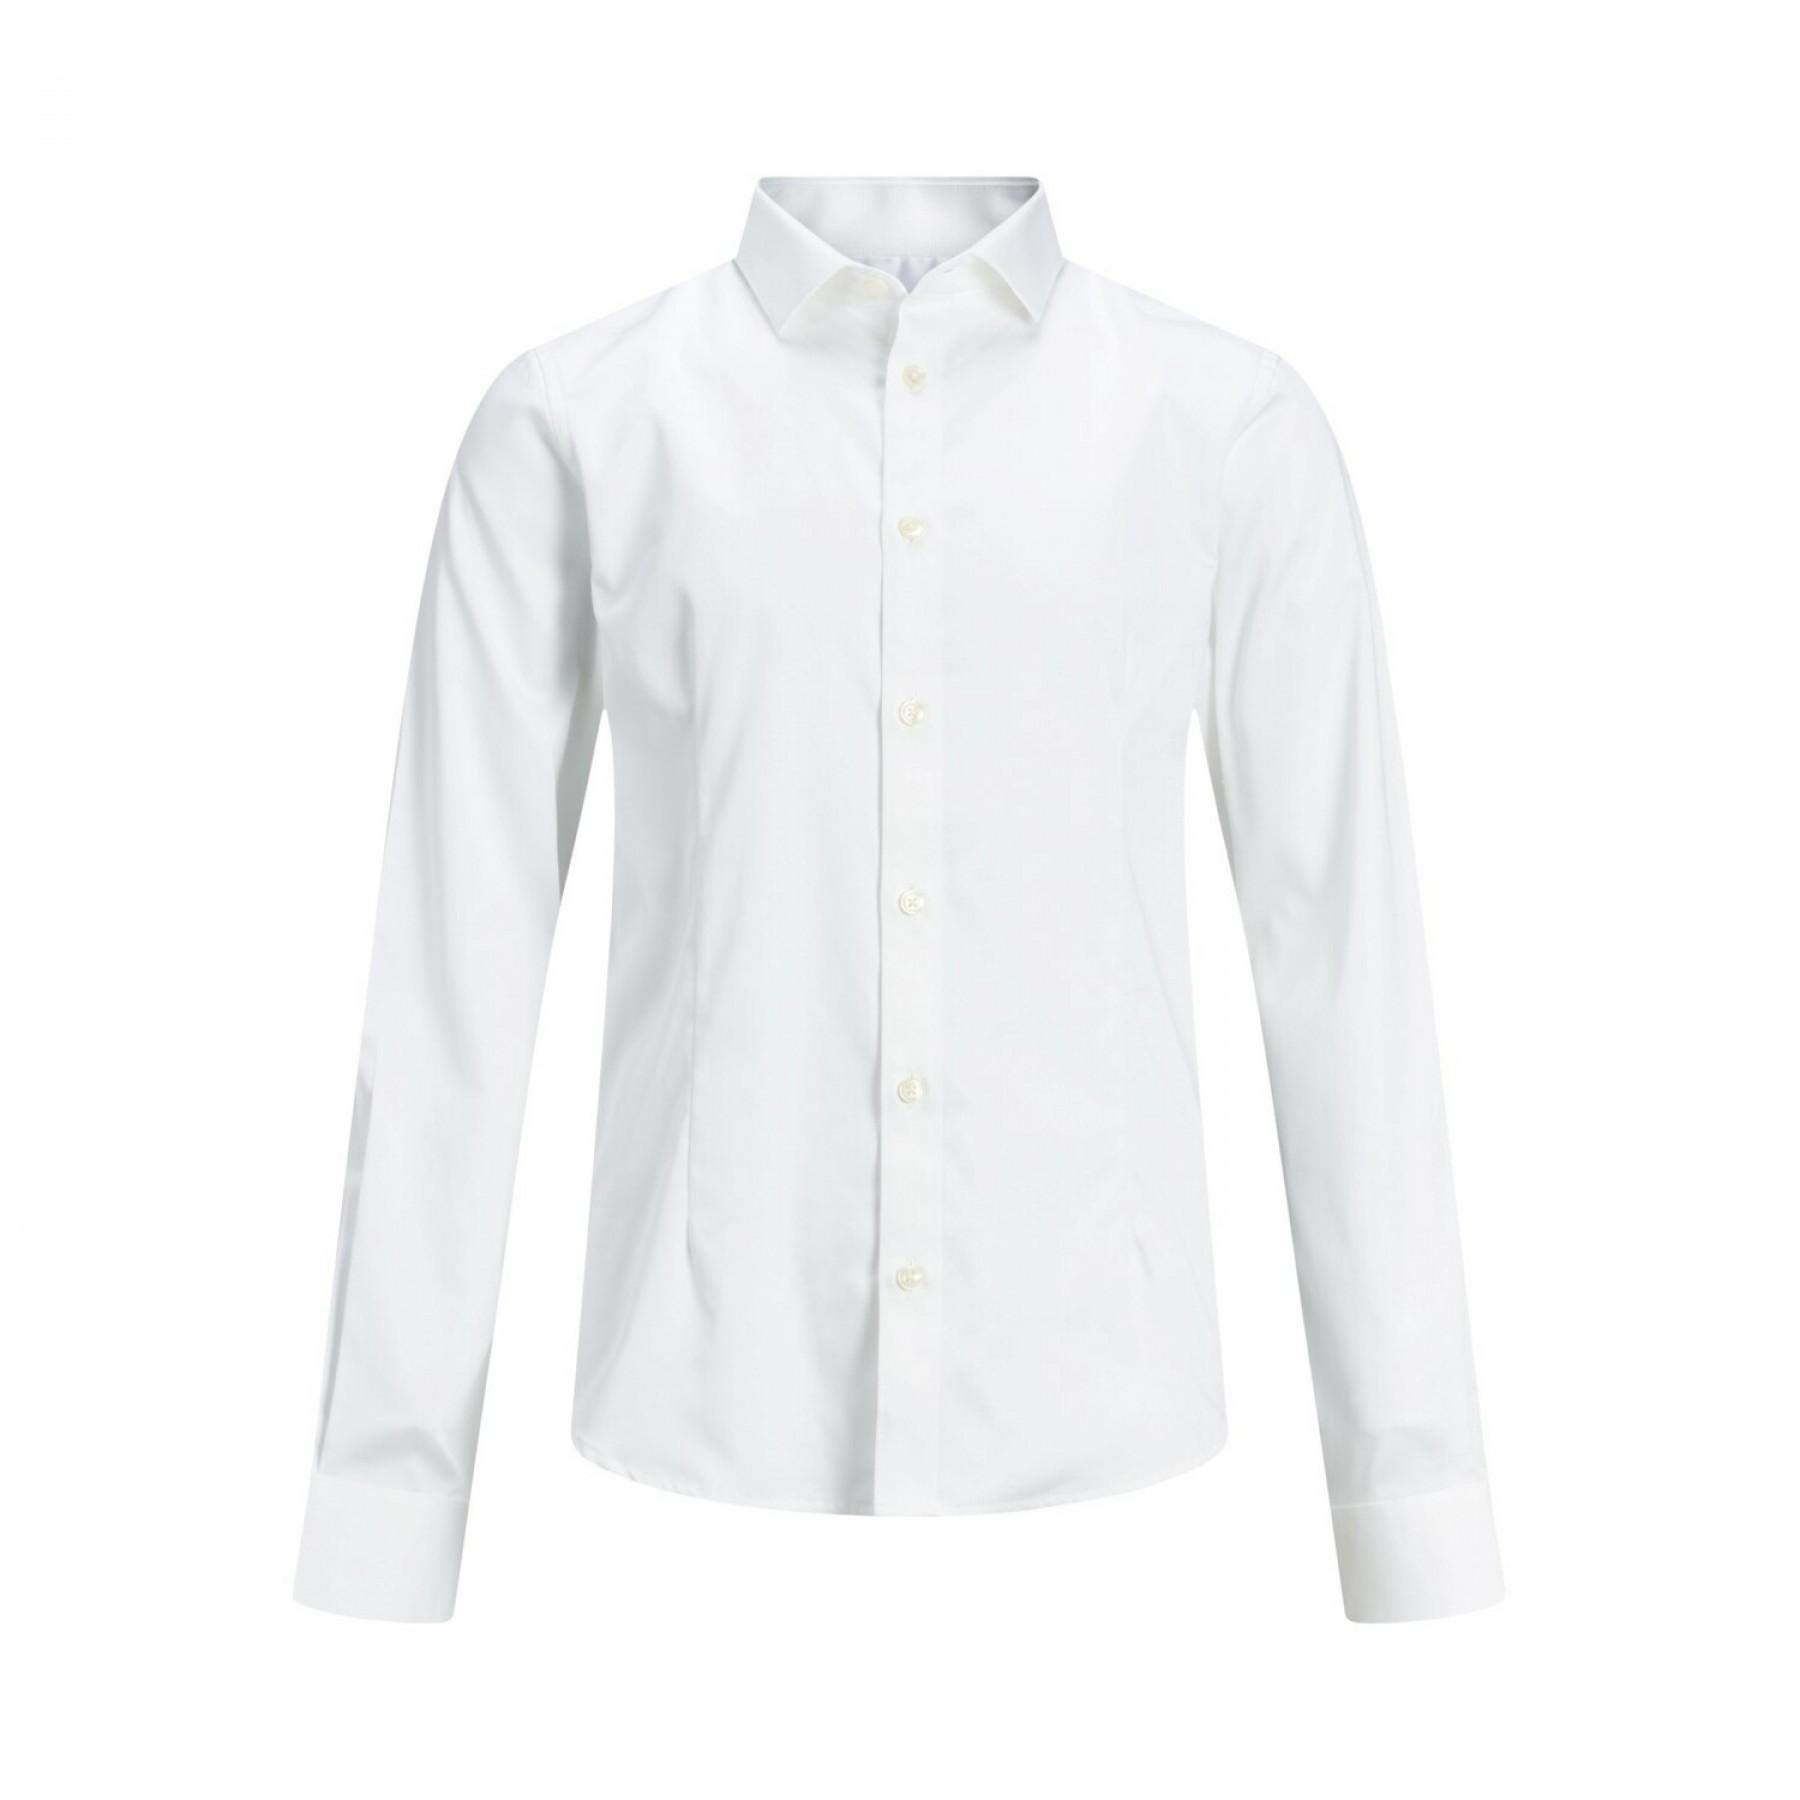 Jack & Jones Parma children's shirt